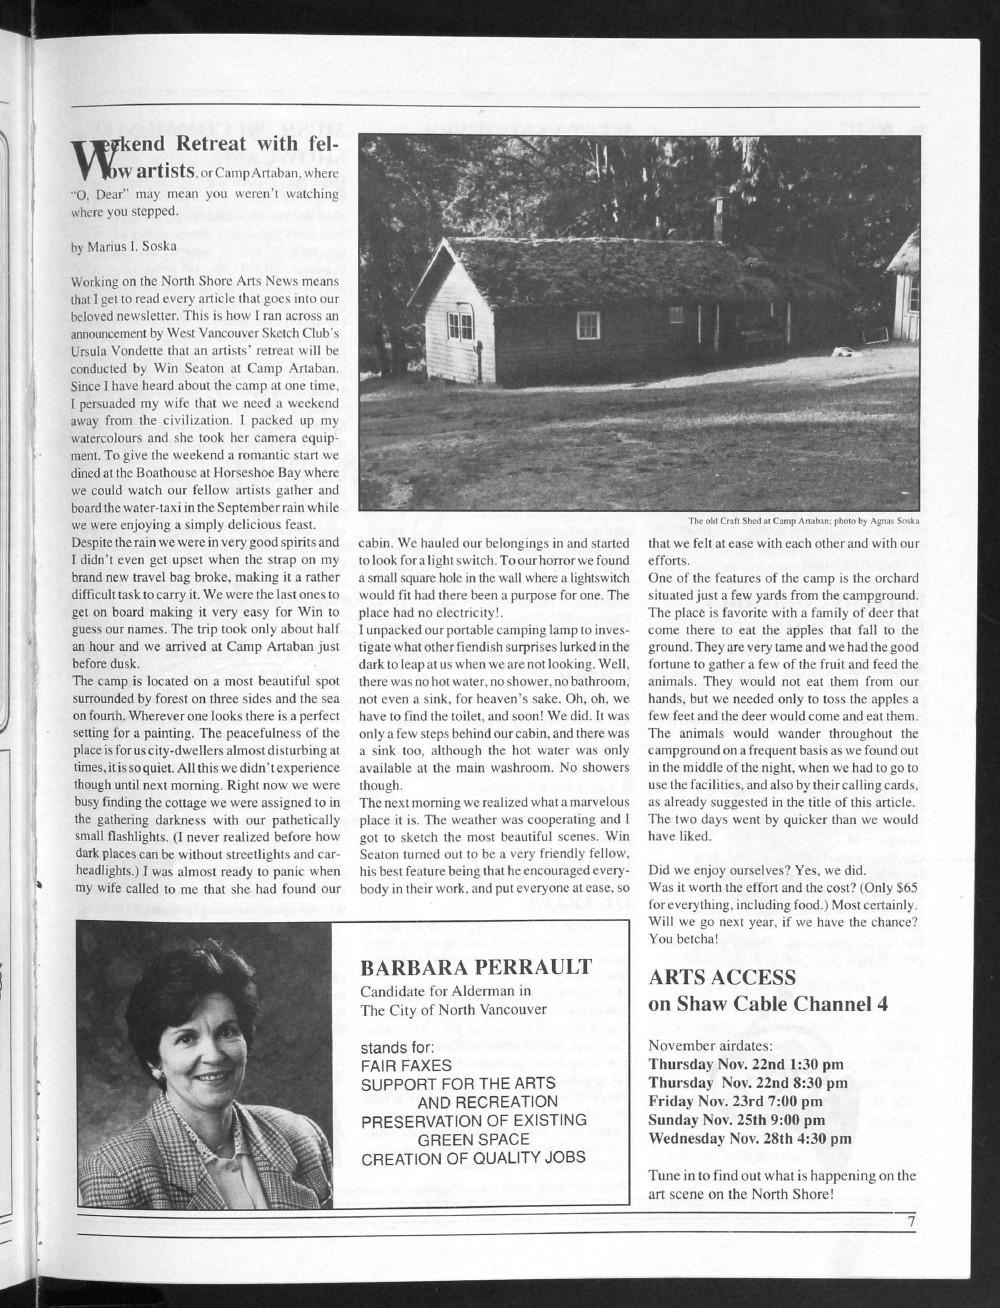 North Shore Arts News (North Vancouver, BC), November/December 1990/January 1991